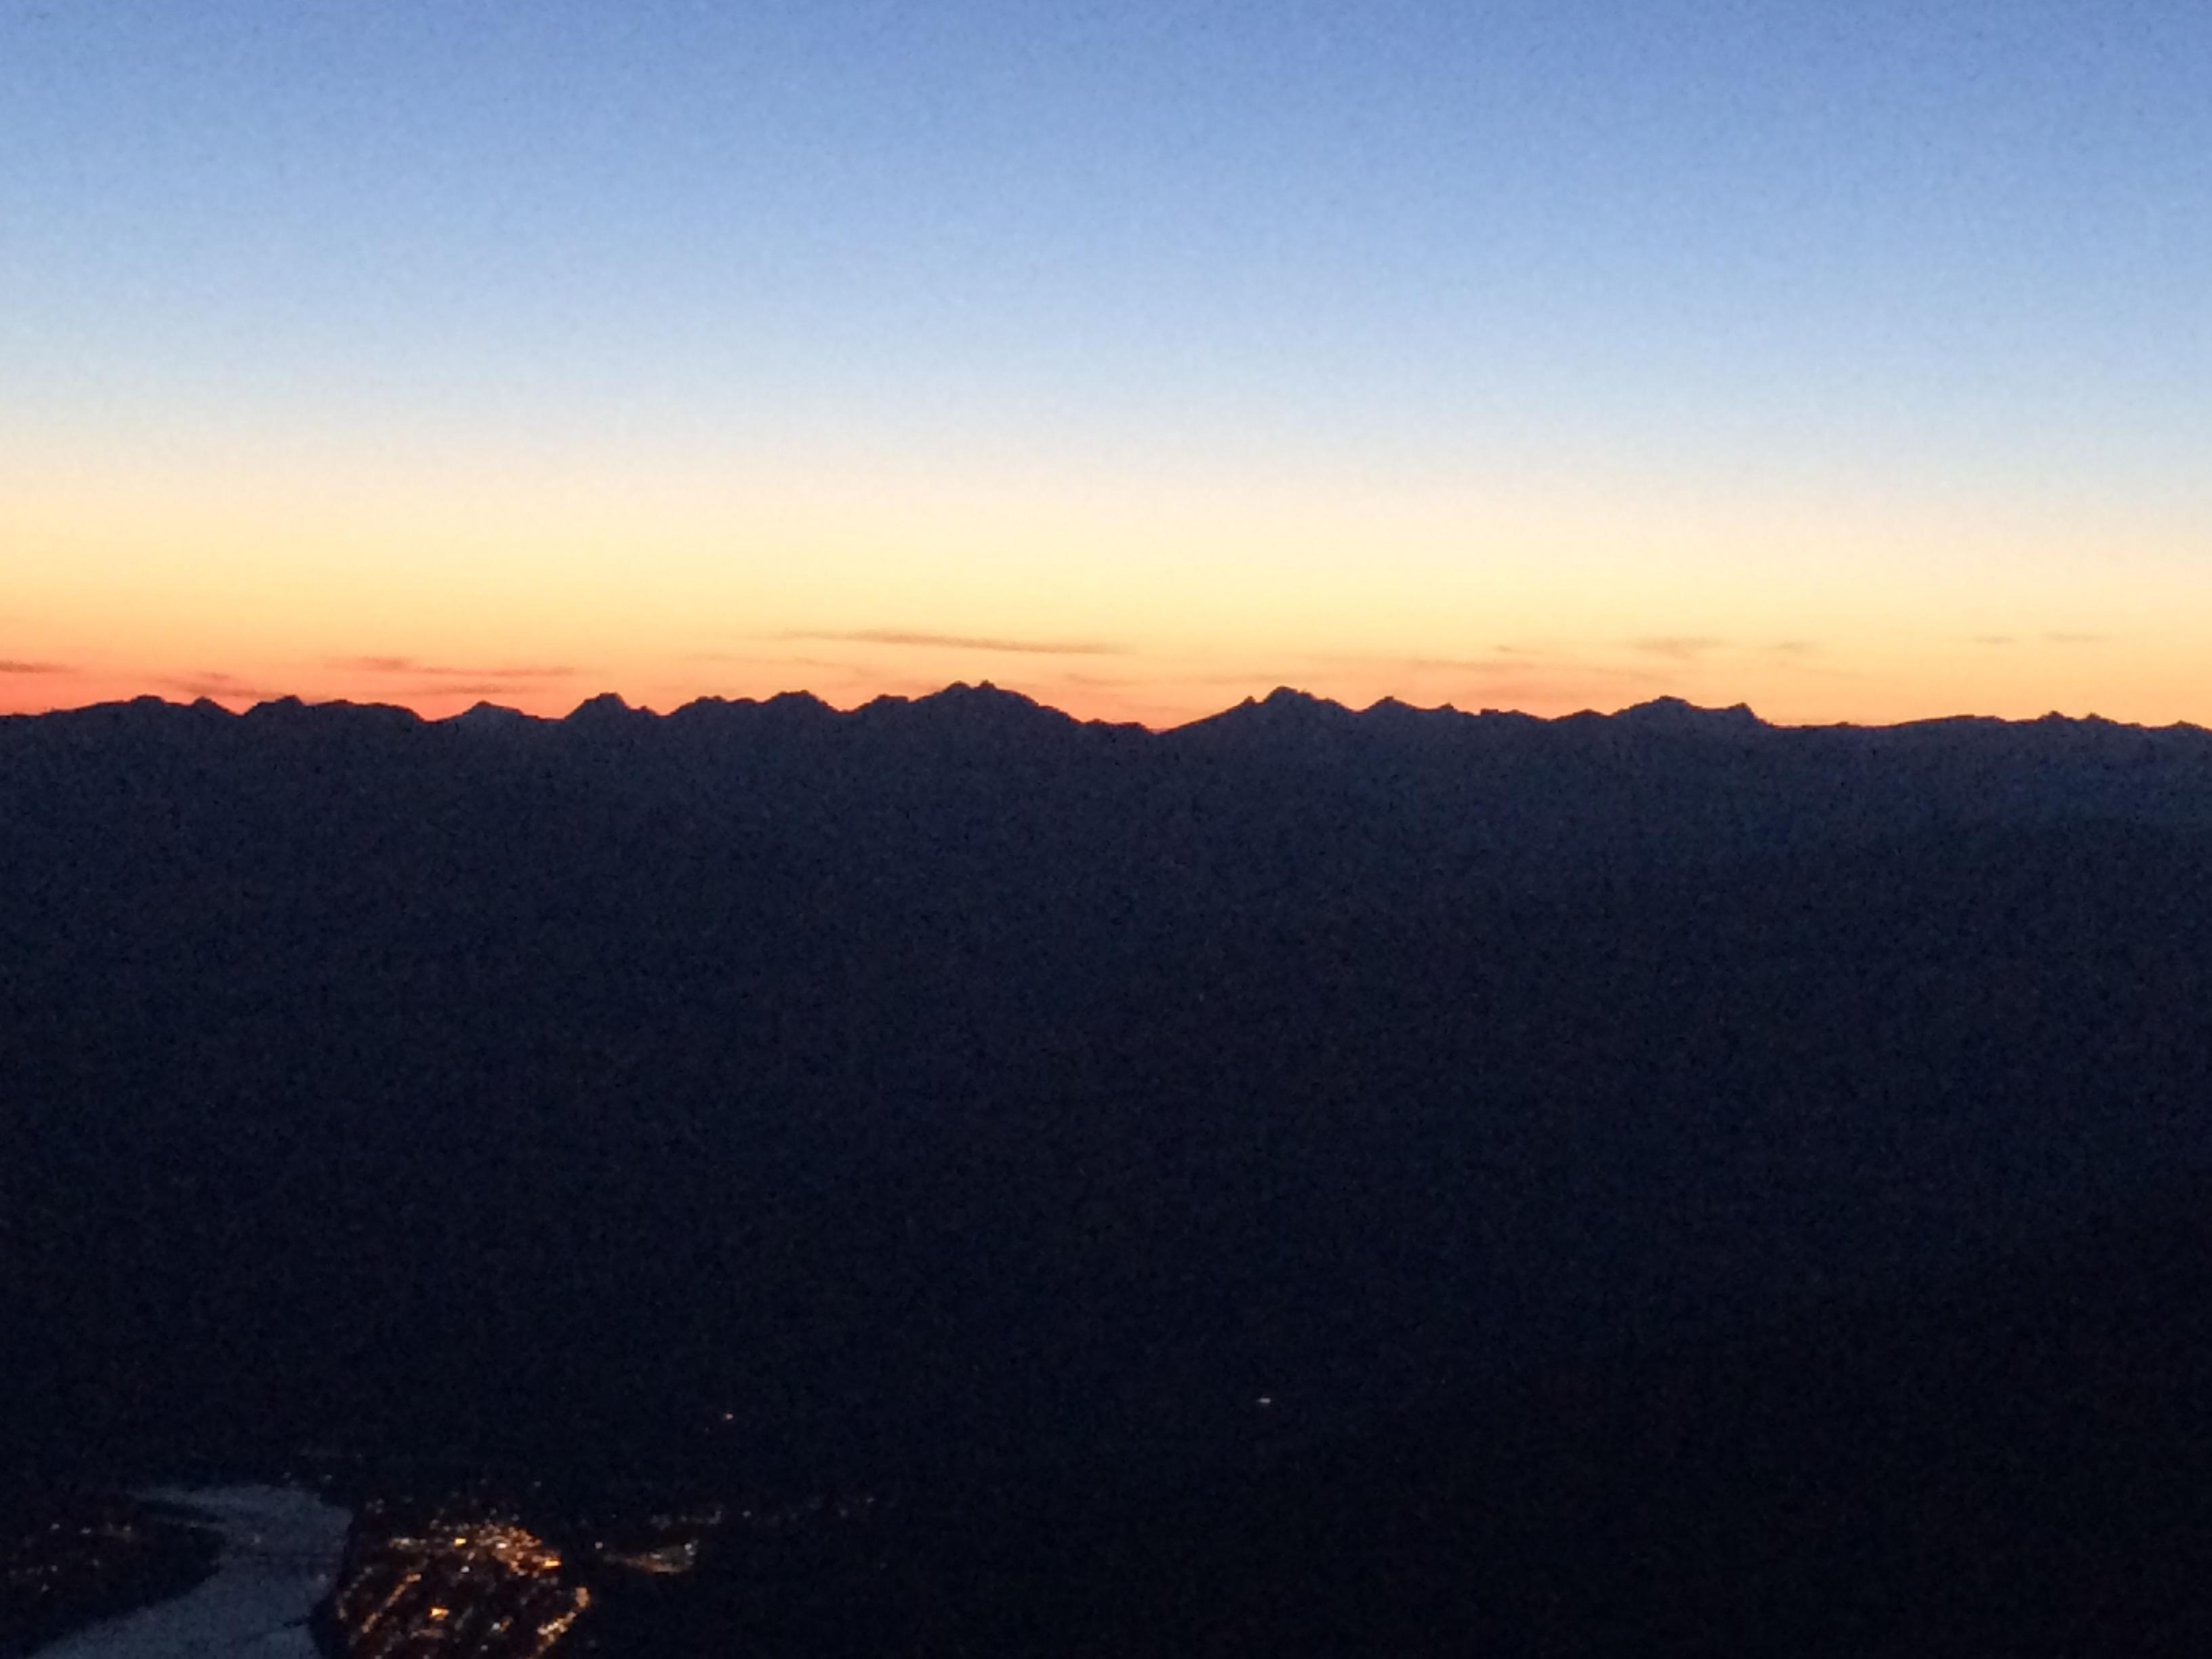 Sunset on the Monashees